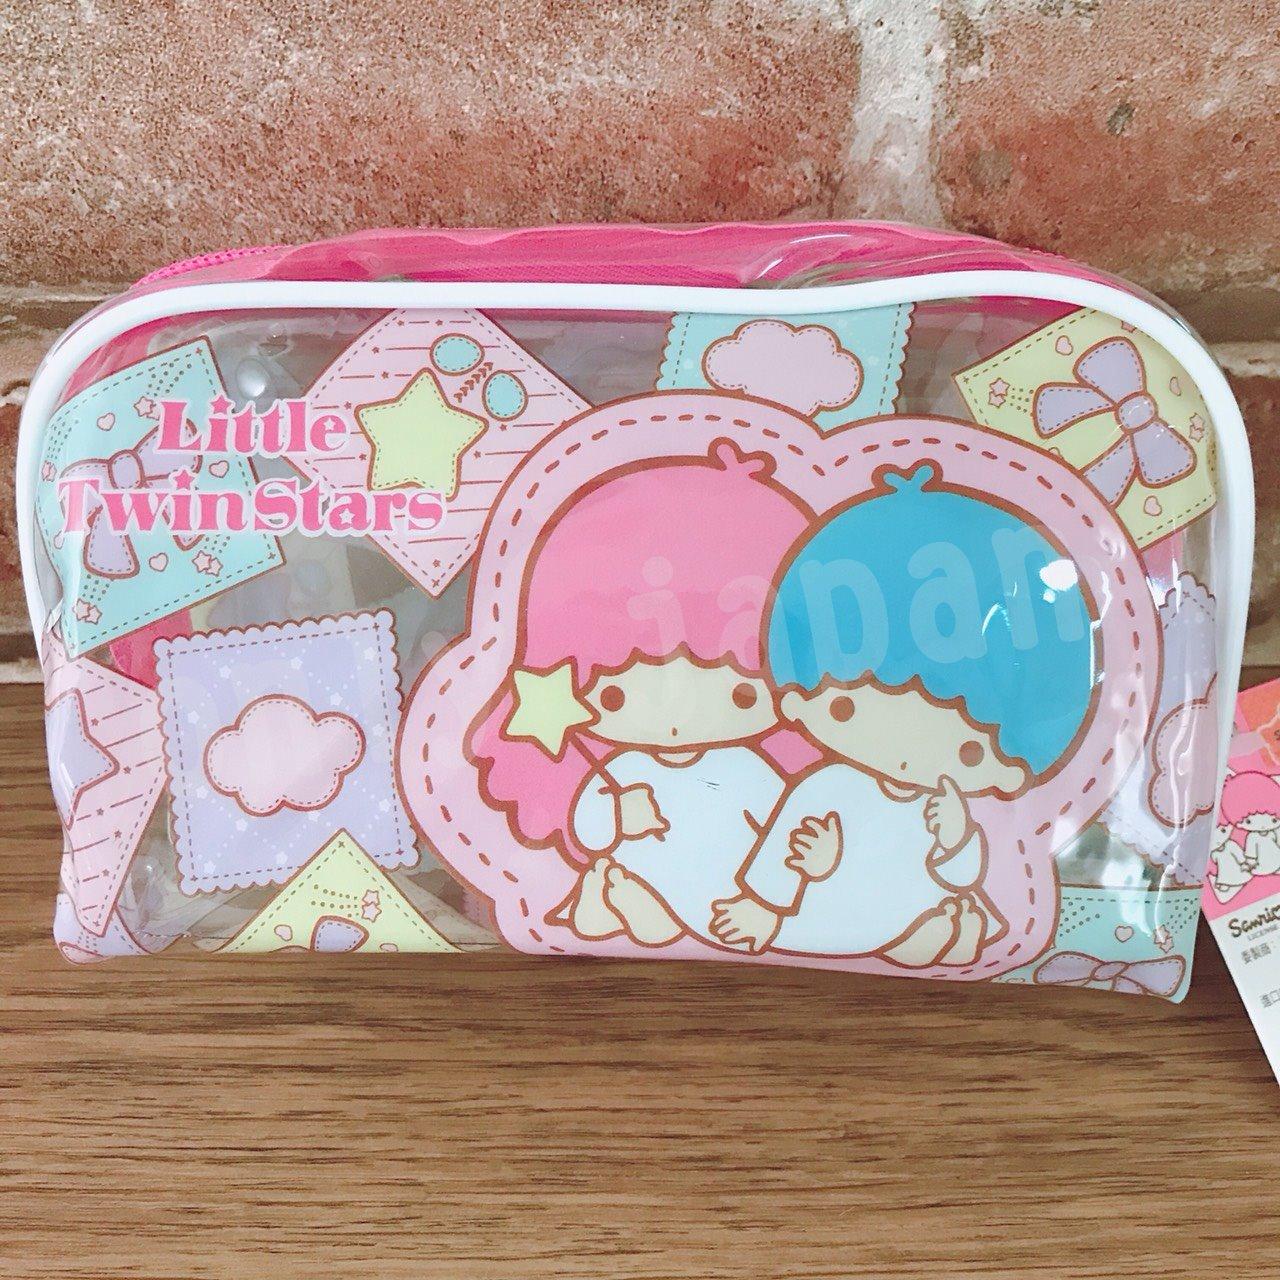 【真愛日本】 17090900001 透明大容量筆袋-TS斜紋粉 三麗鷗 kikilala 雙子星 鉛筆盒 化妝包